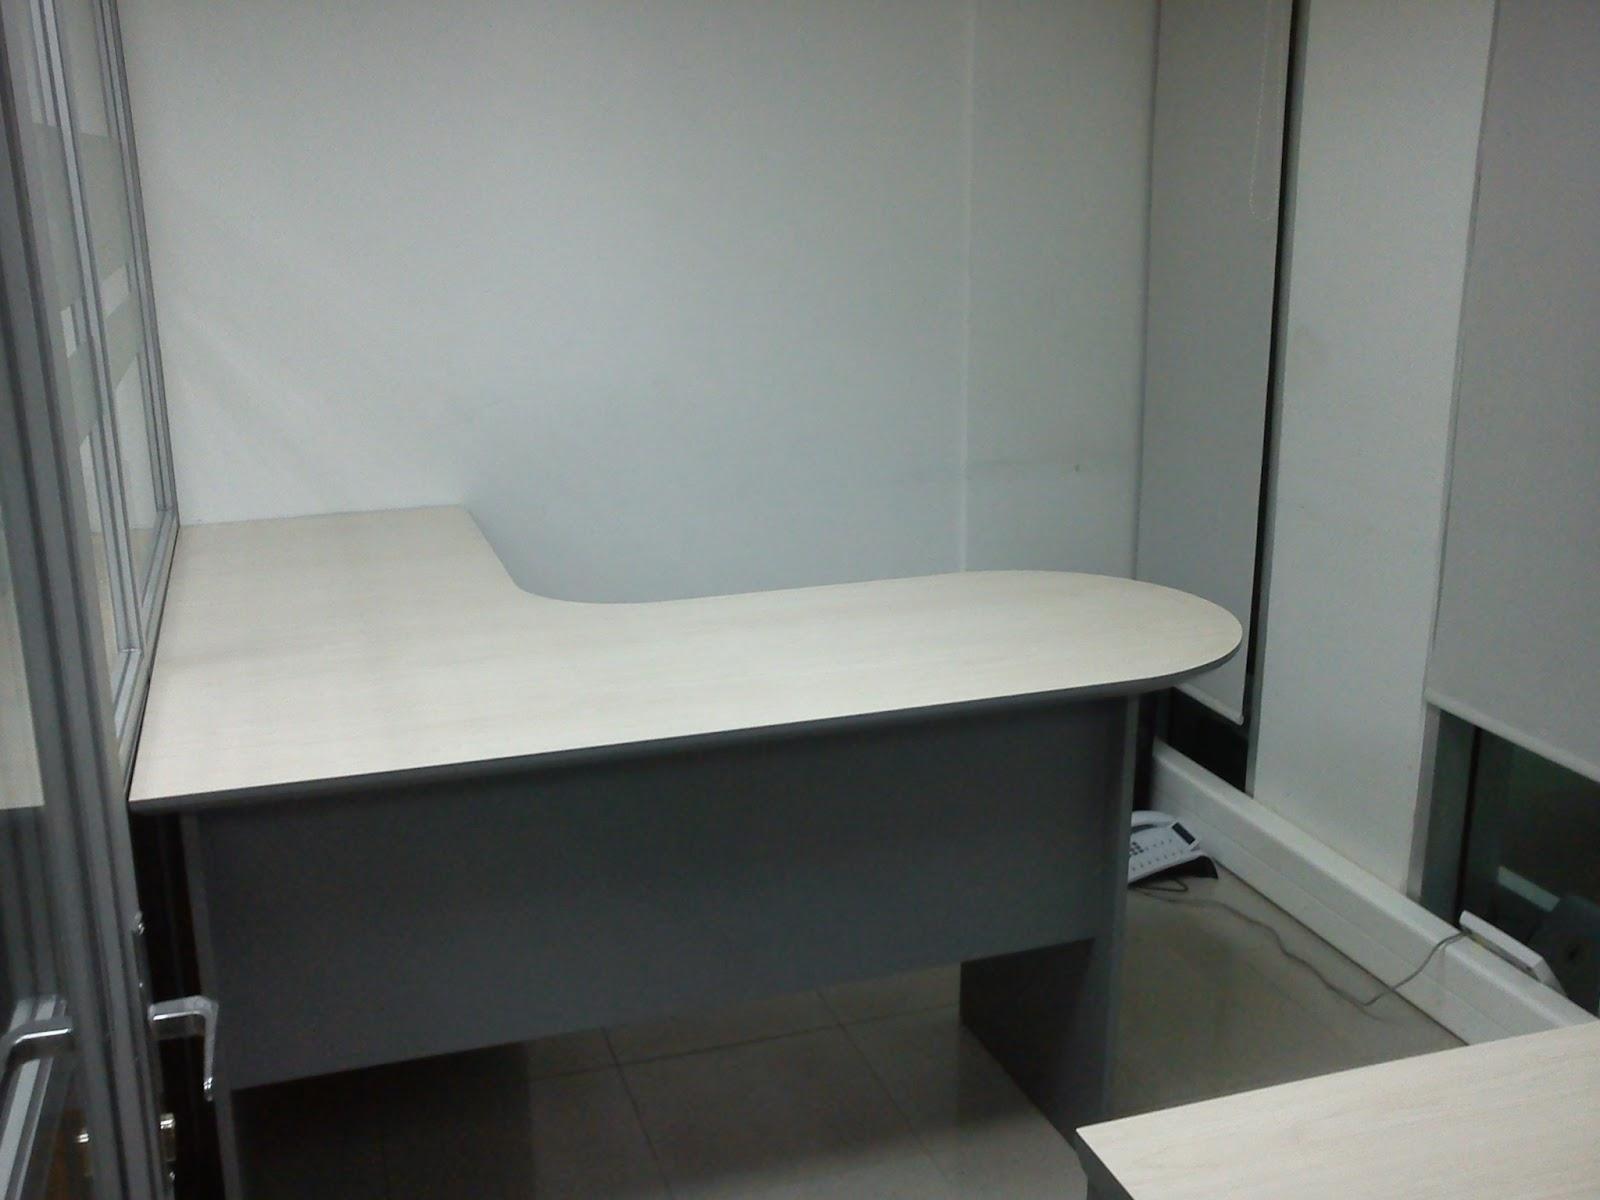 Muebles De Cocina En Iquique Ocinel Com # Muebles Soluciones